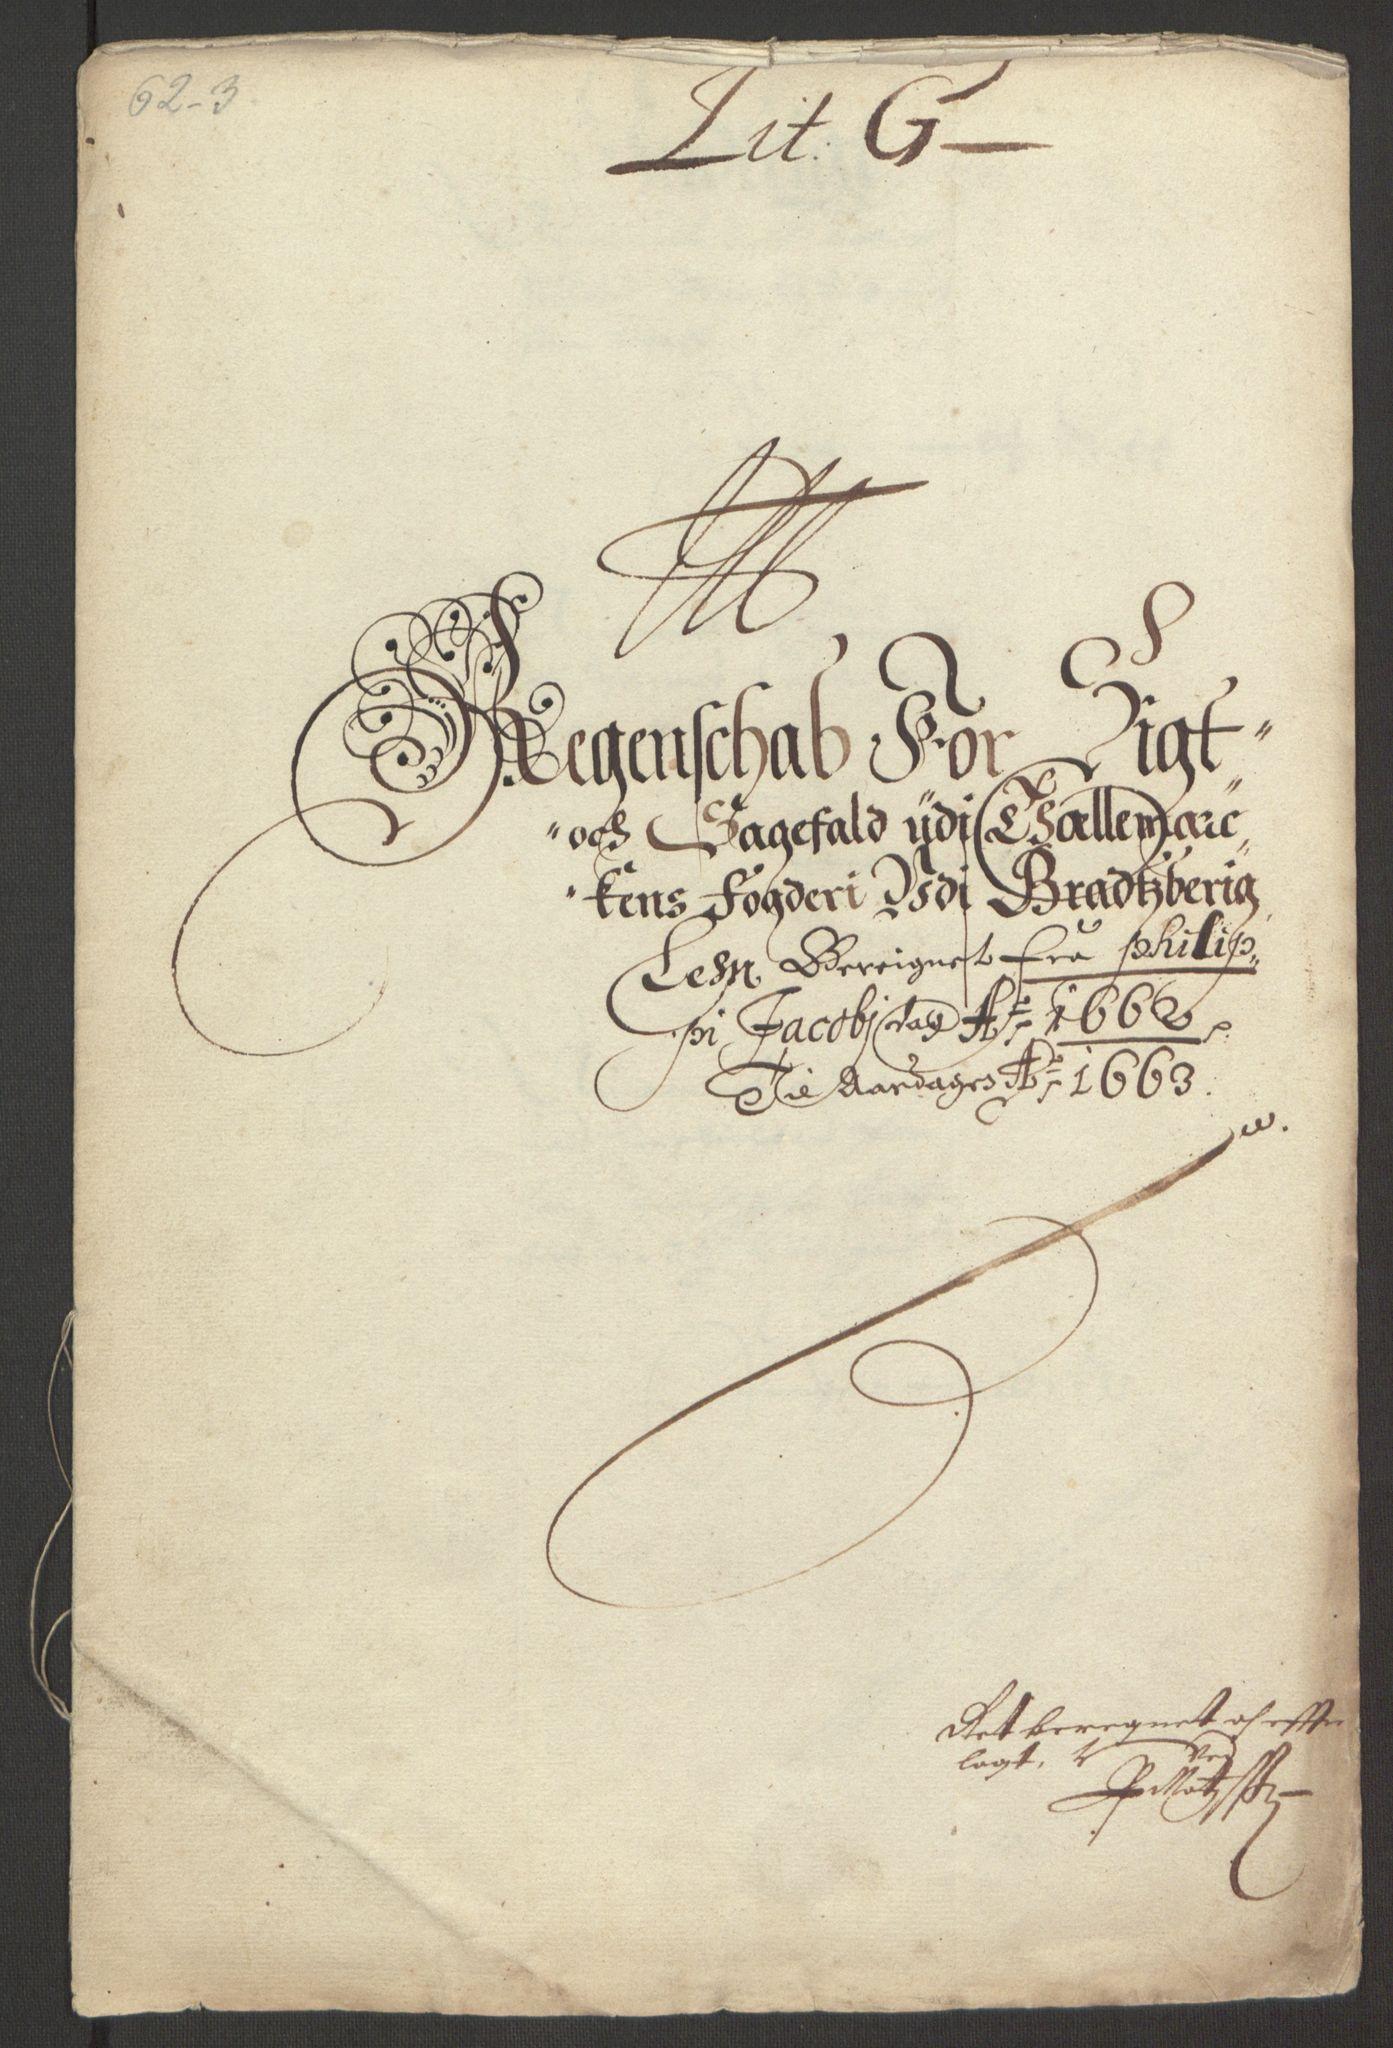 RA, Rentekammeret inntil 1814, Reviderte regnskaper, Fogderegnskap, R35/L2054: Fogderegnskap Øvre og Nedre Telemark, 1662-1663, s. 237